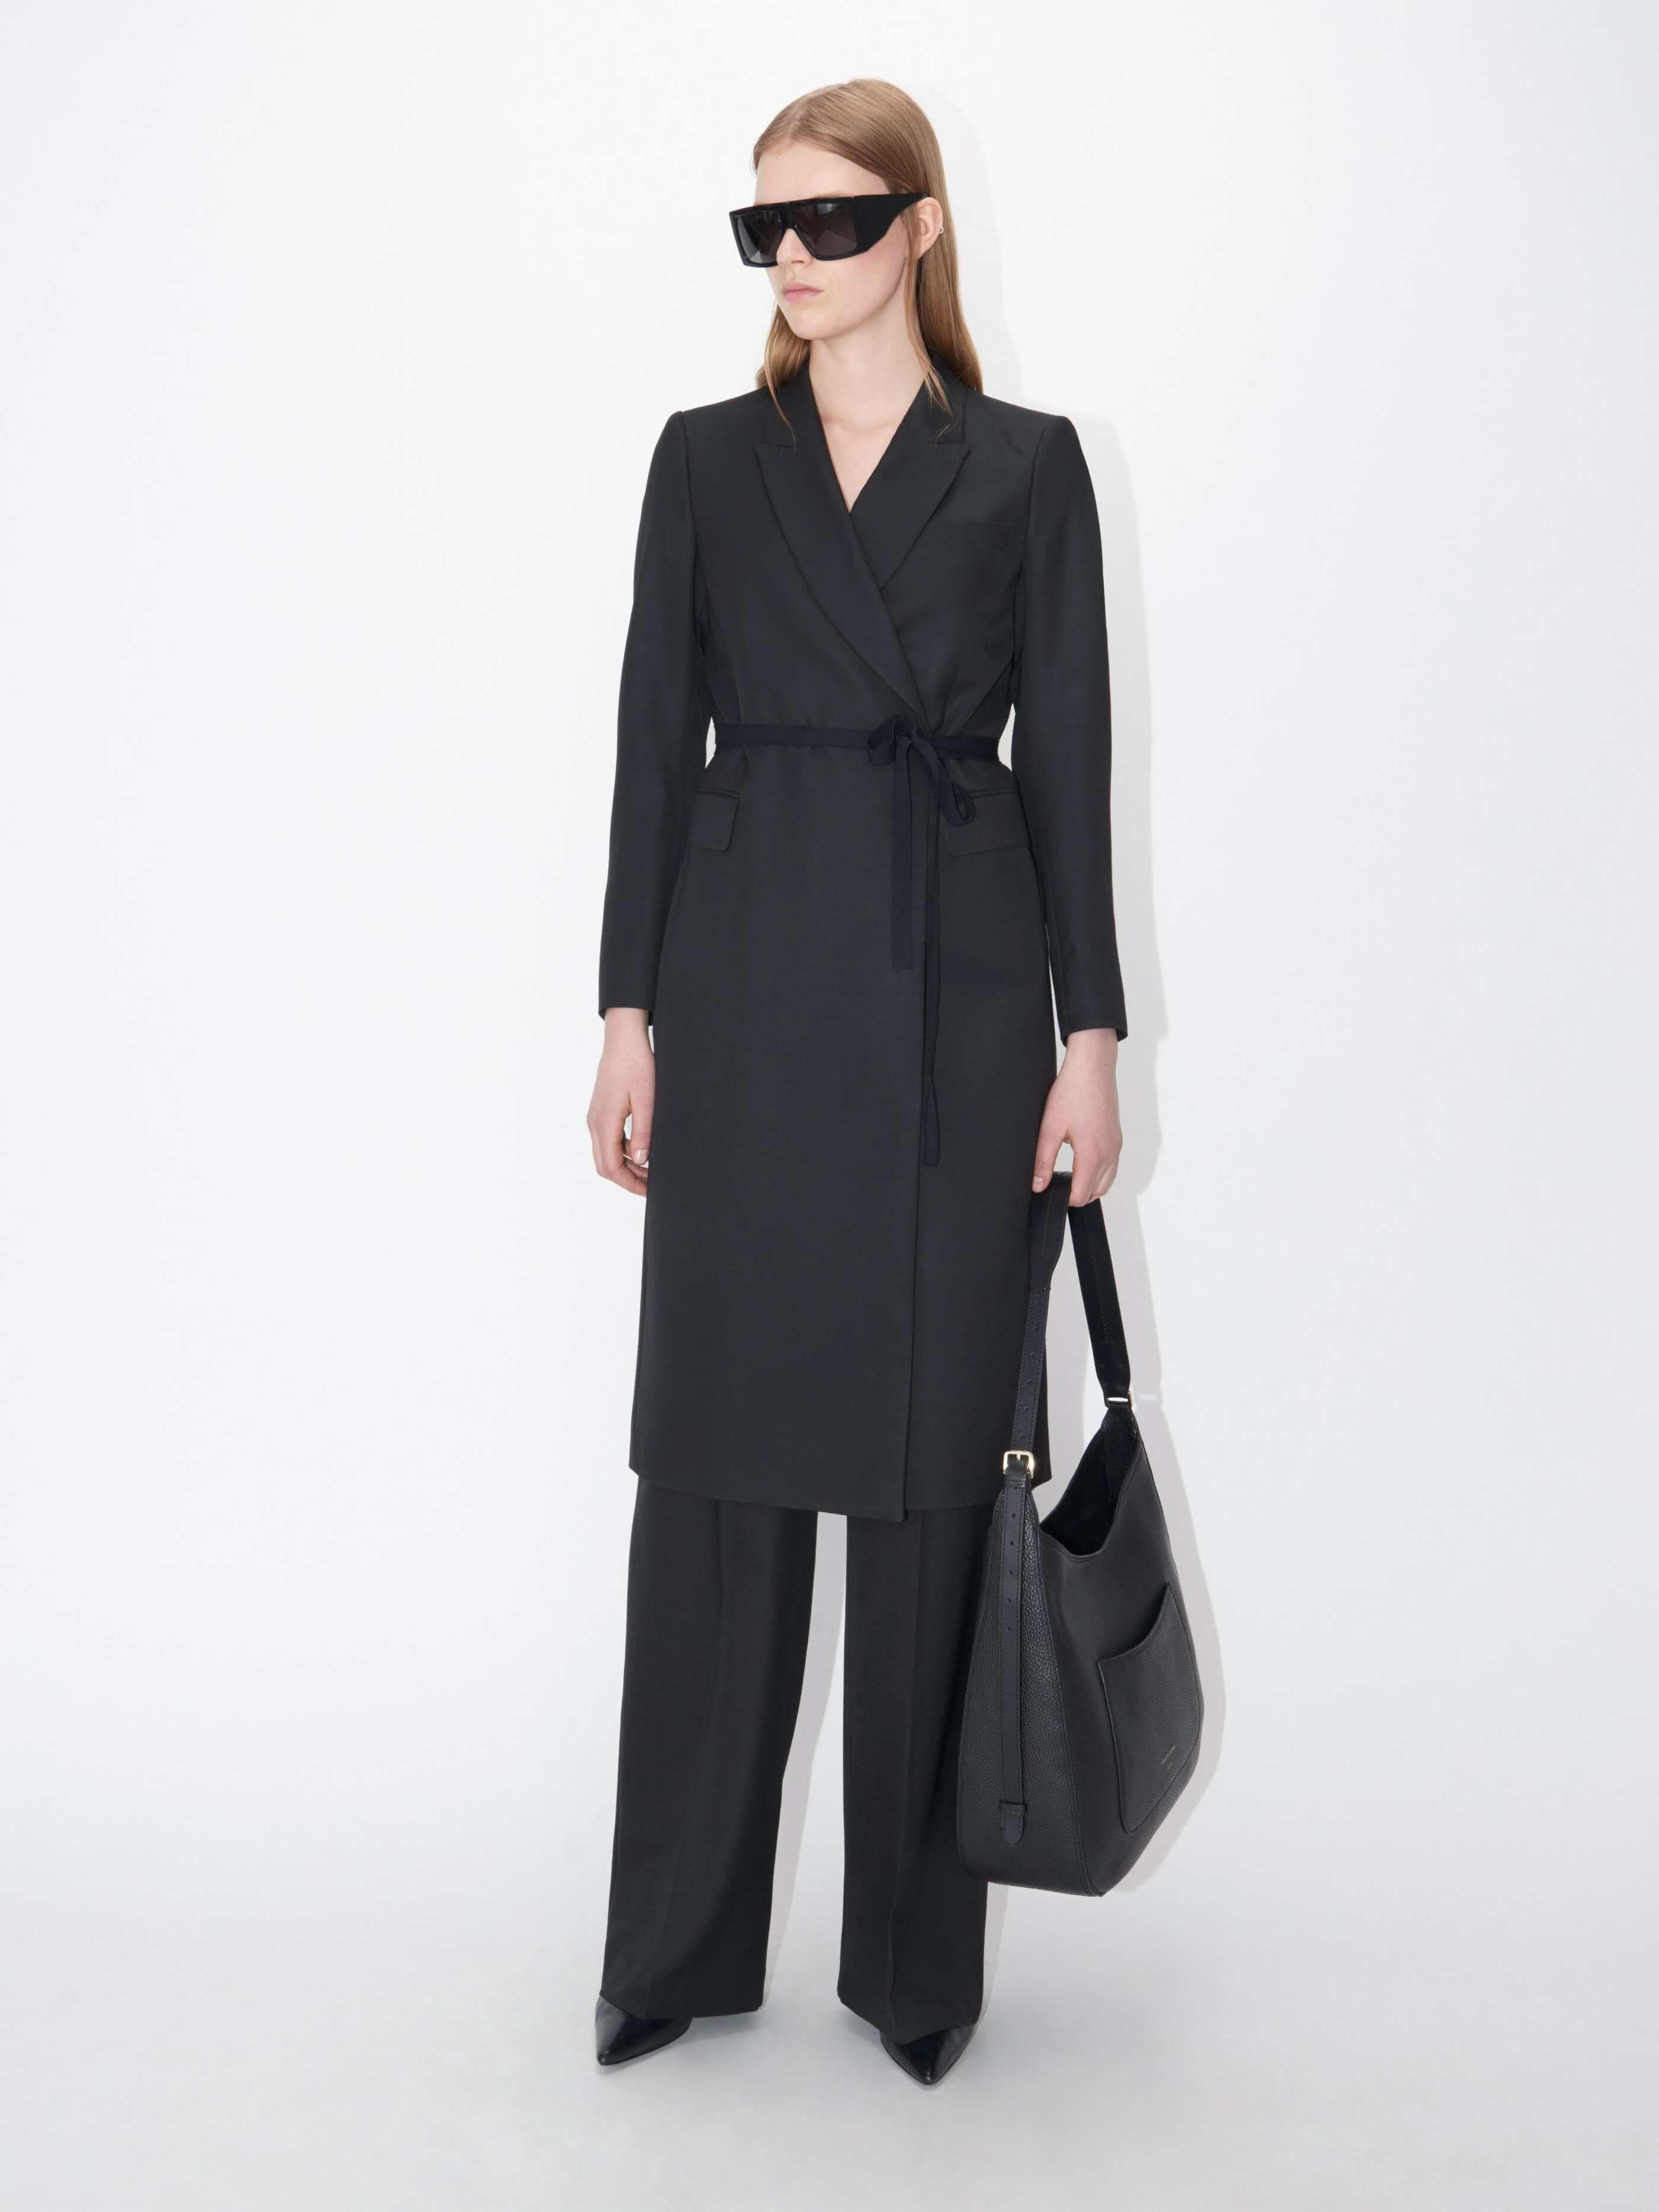 Le Des Jours Site Soirée Robes De Et Achetez Les Tous Sur vnwmNO8y0